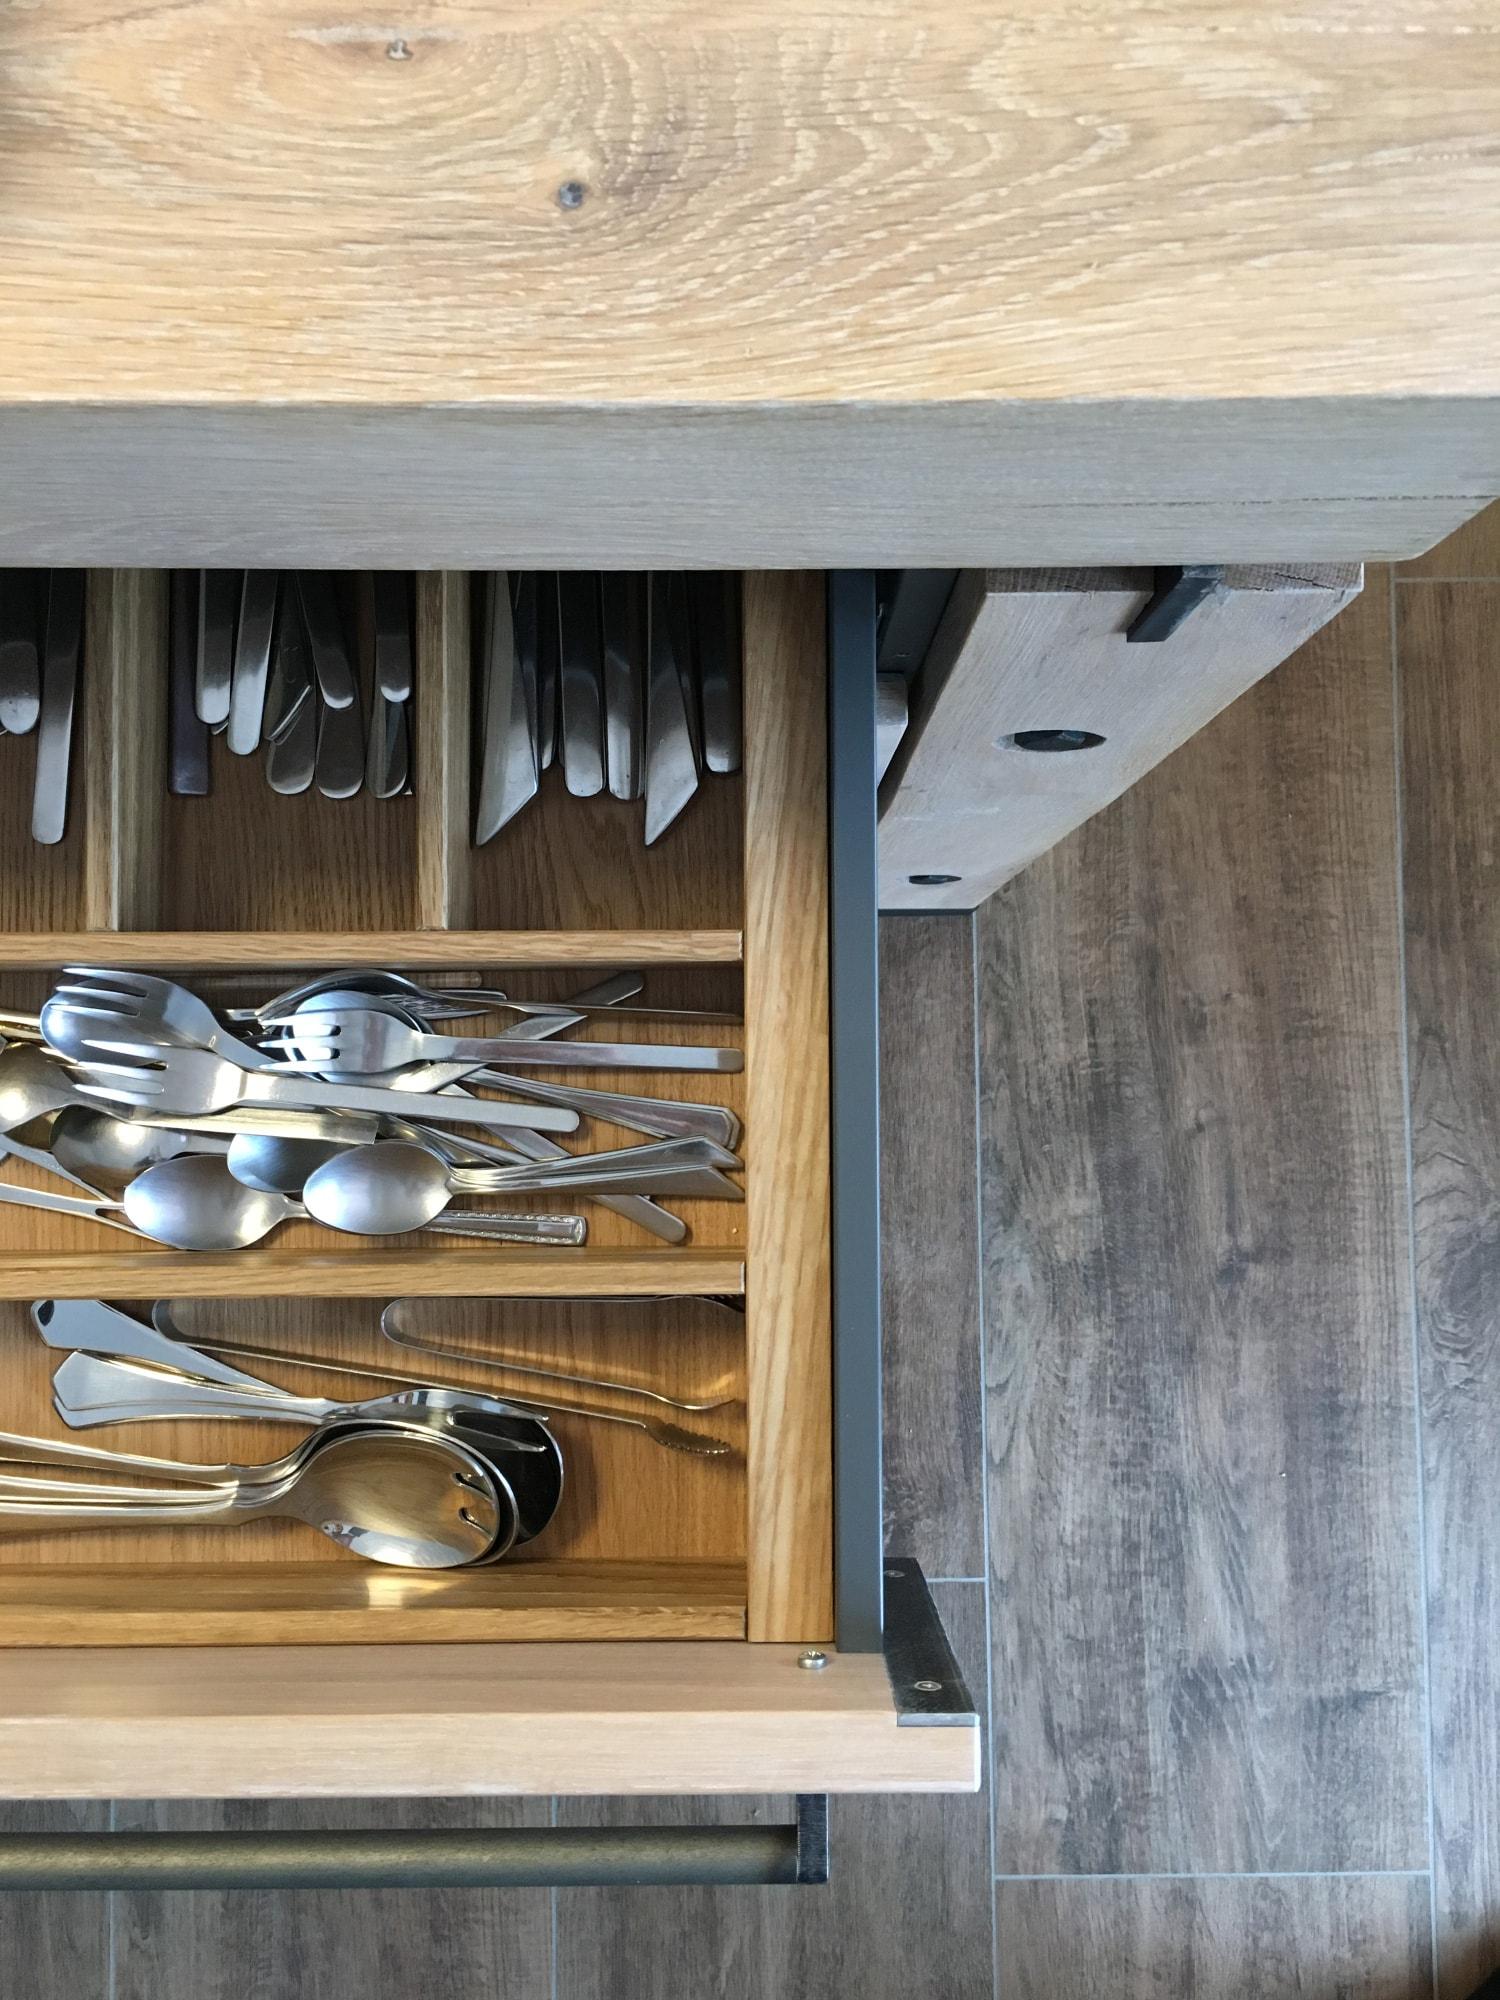 plan 3 kuchyně / Массивная деревянная кухня / Утонченная простота